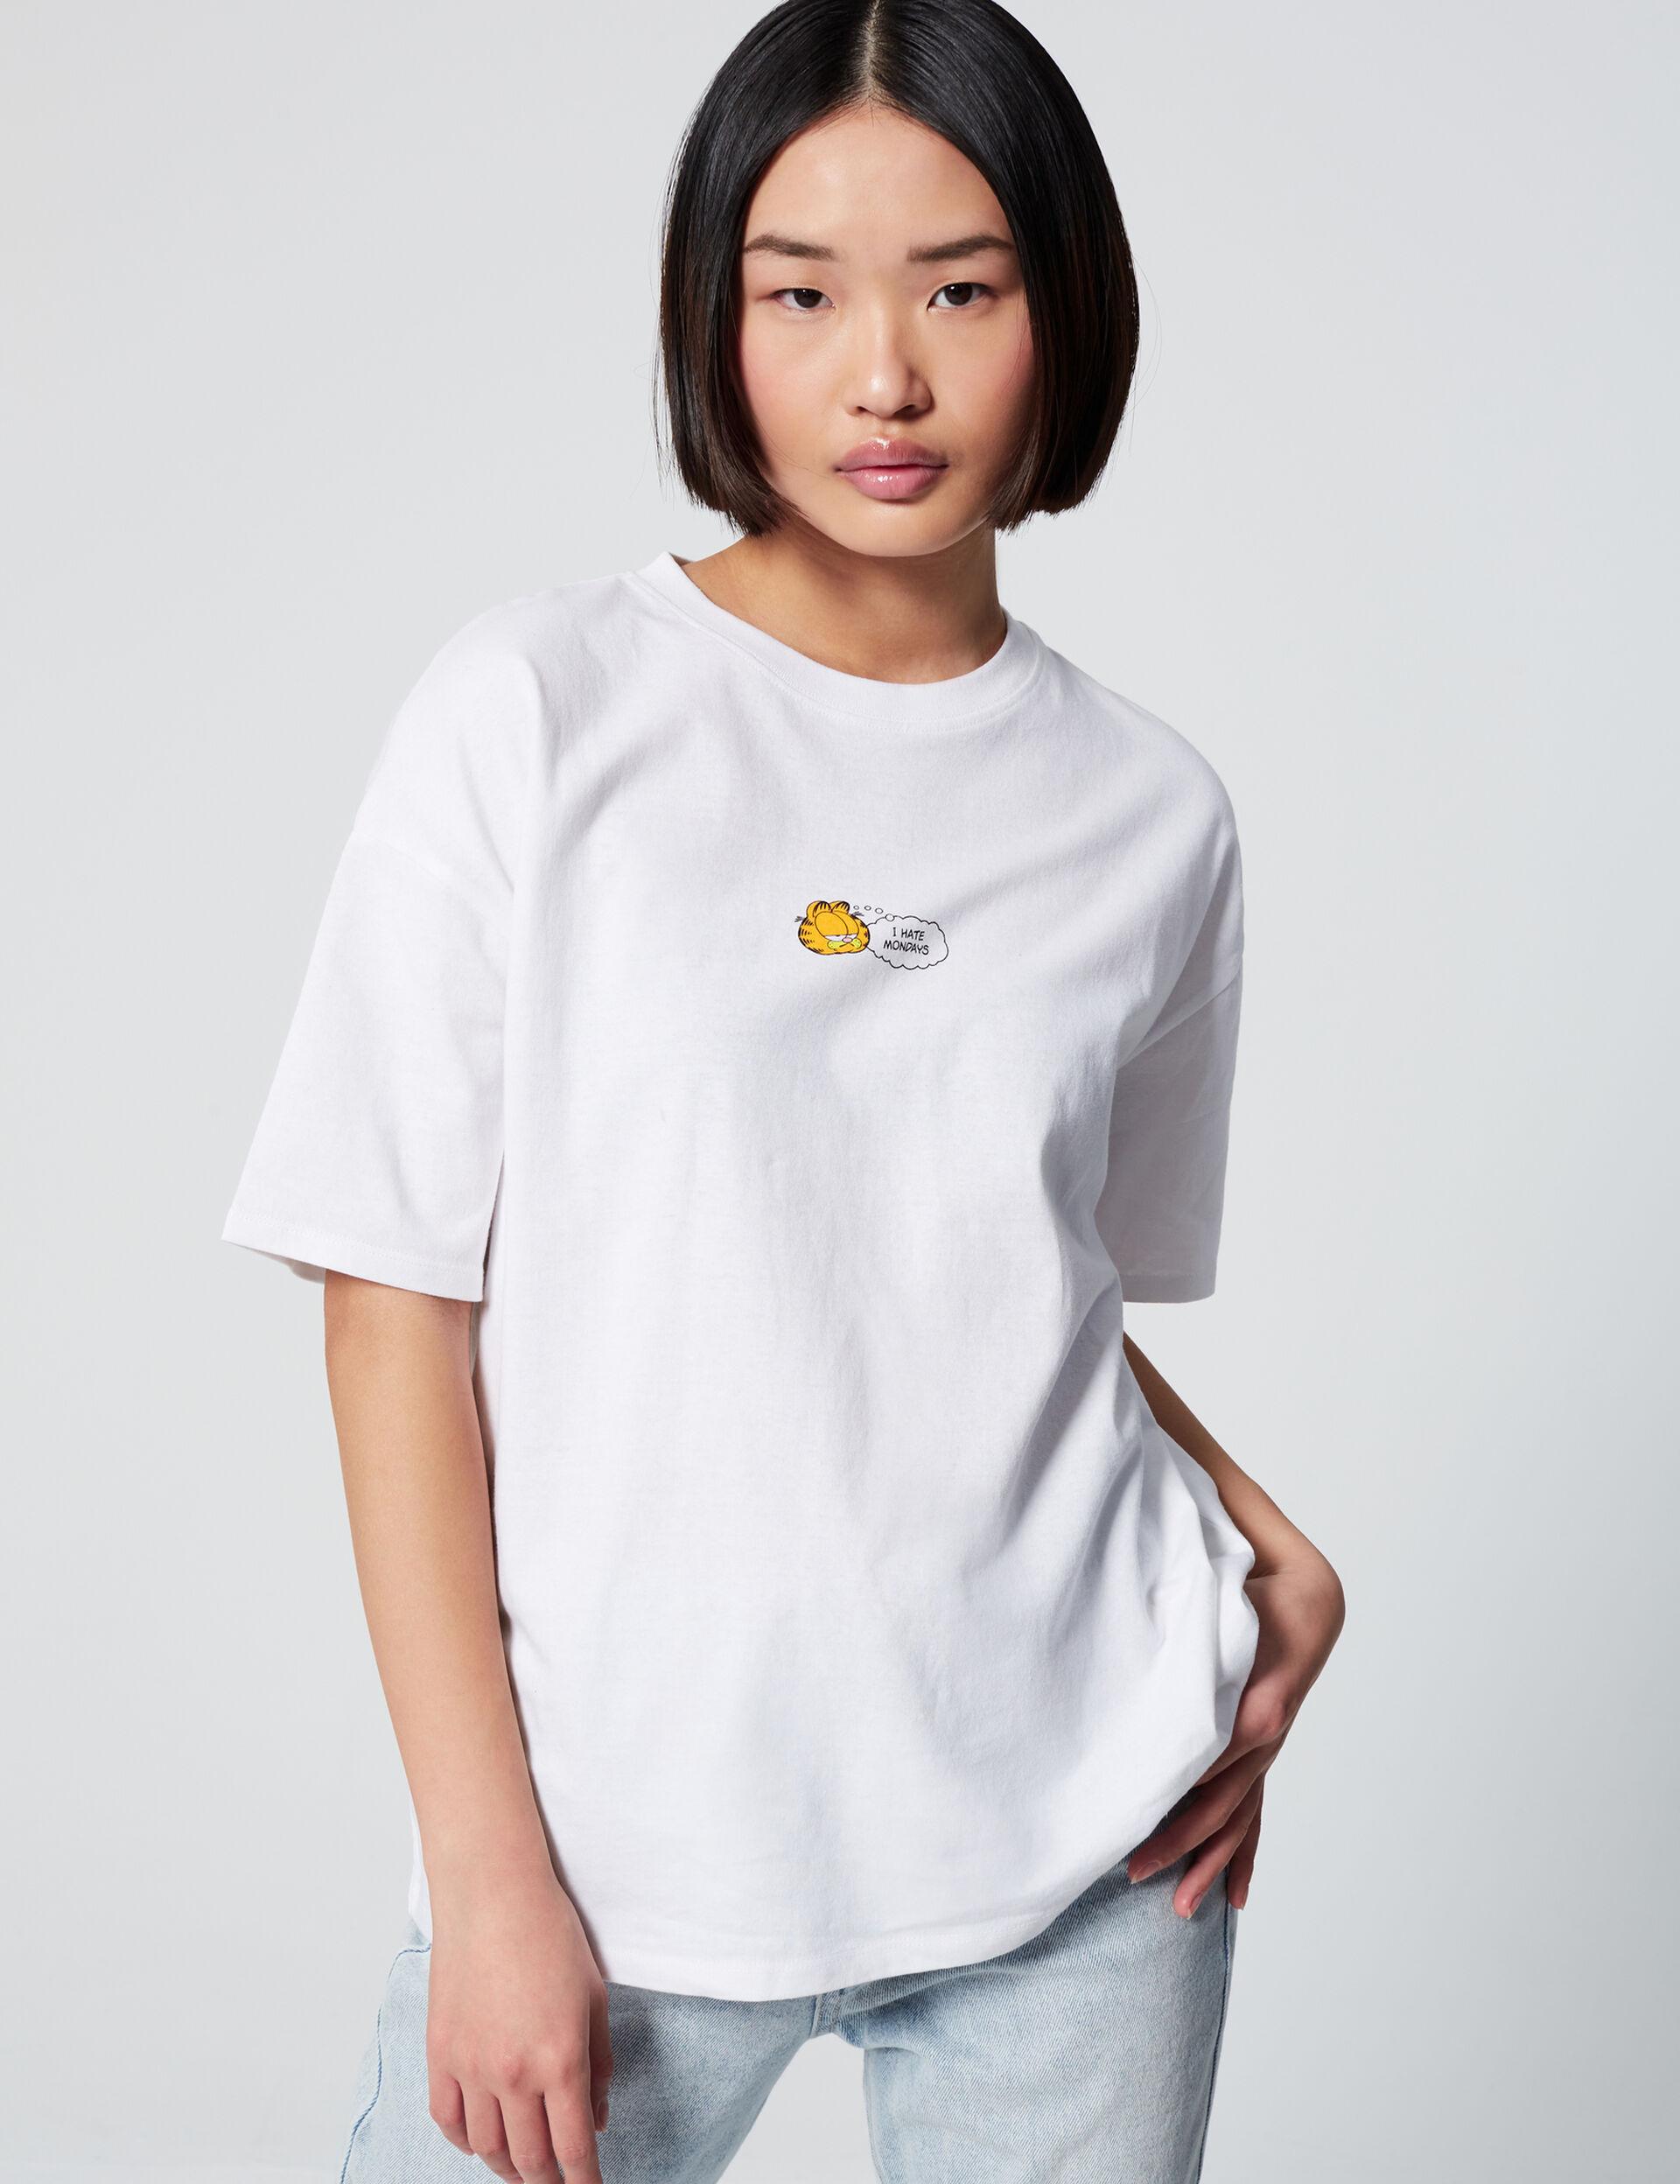 Tee-shirt Garfield